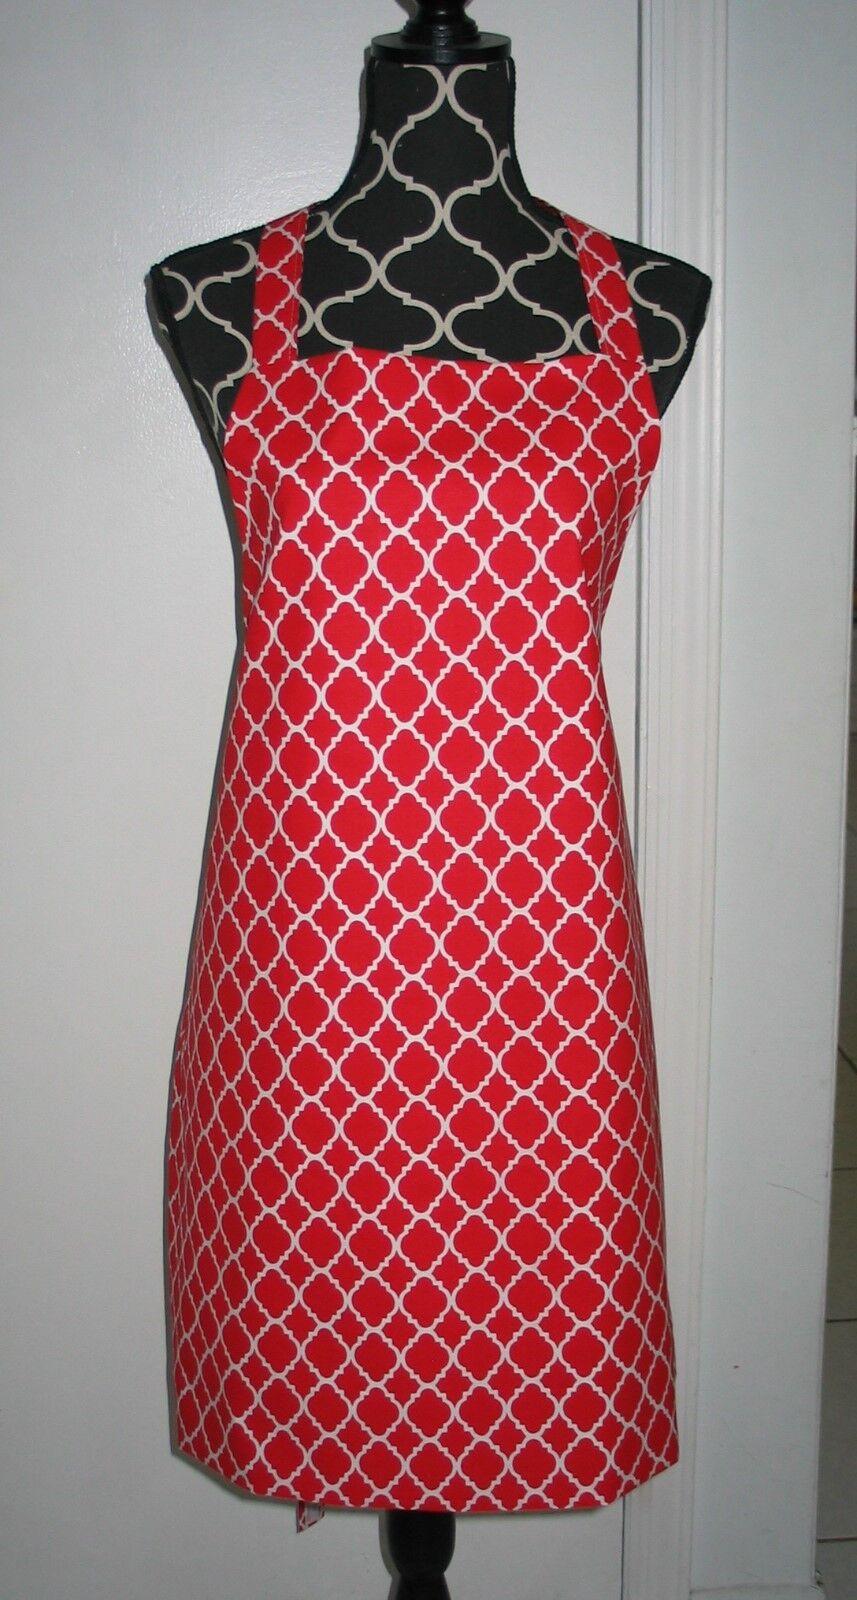 Lot de dix Handmade pleine longueur Adulte Tablier-QF Rouge & Blanc - 50 Dollars d'épargne